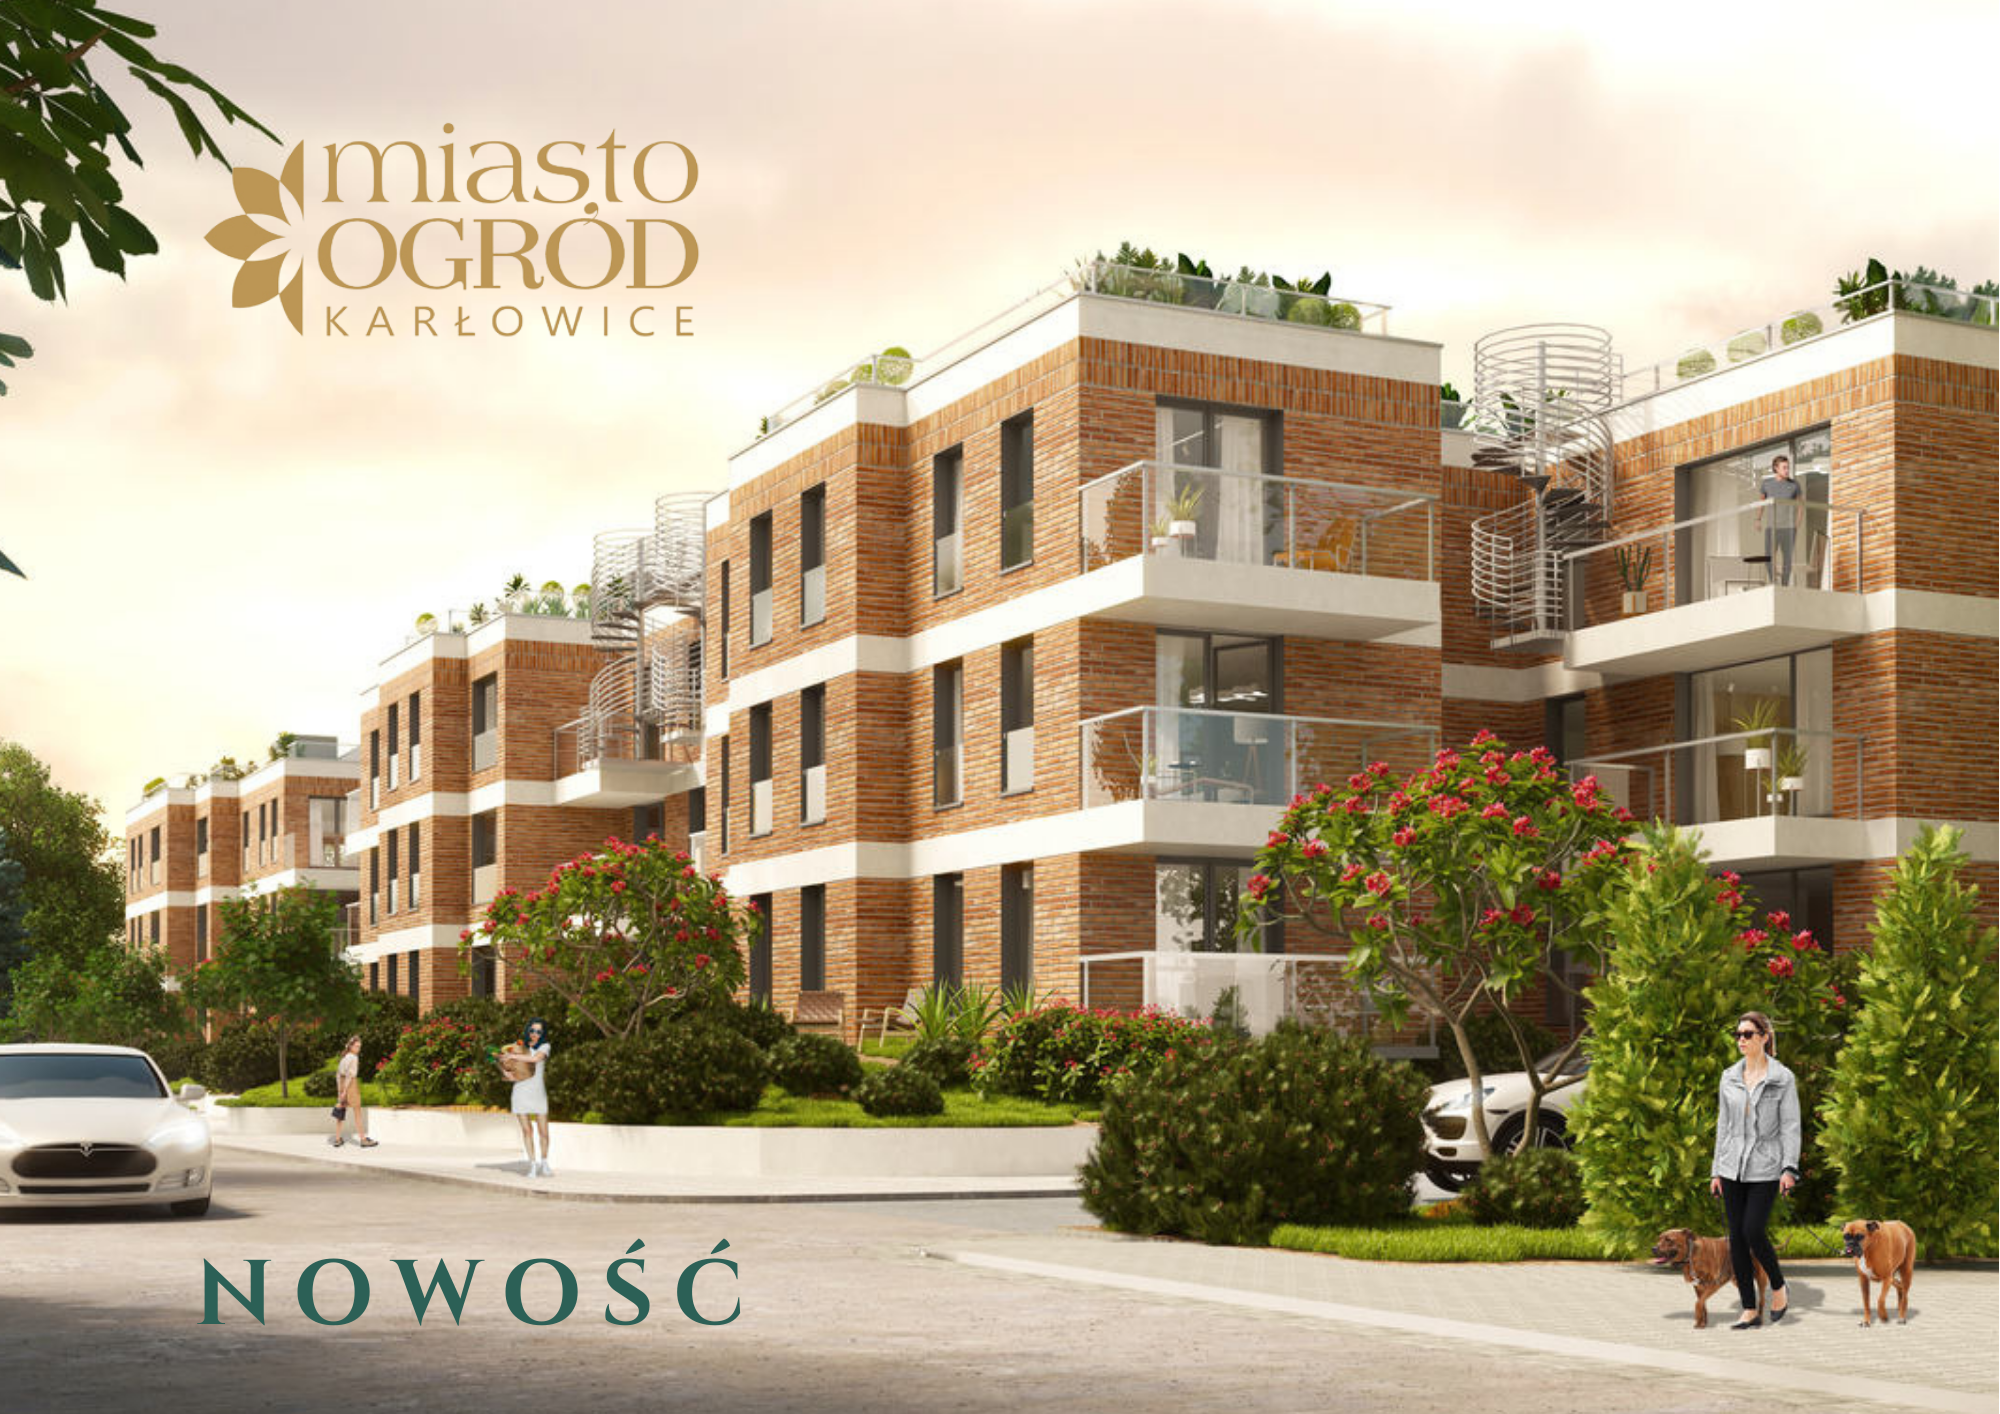 nowe_mieszkania_premium_we_wroclawiu_miasto_ogrod_karlowice_rynek_pierwotny_wroclaw_nieruchomości_apartamenty